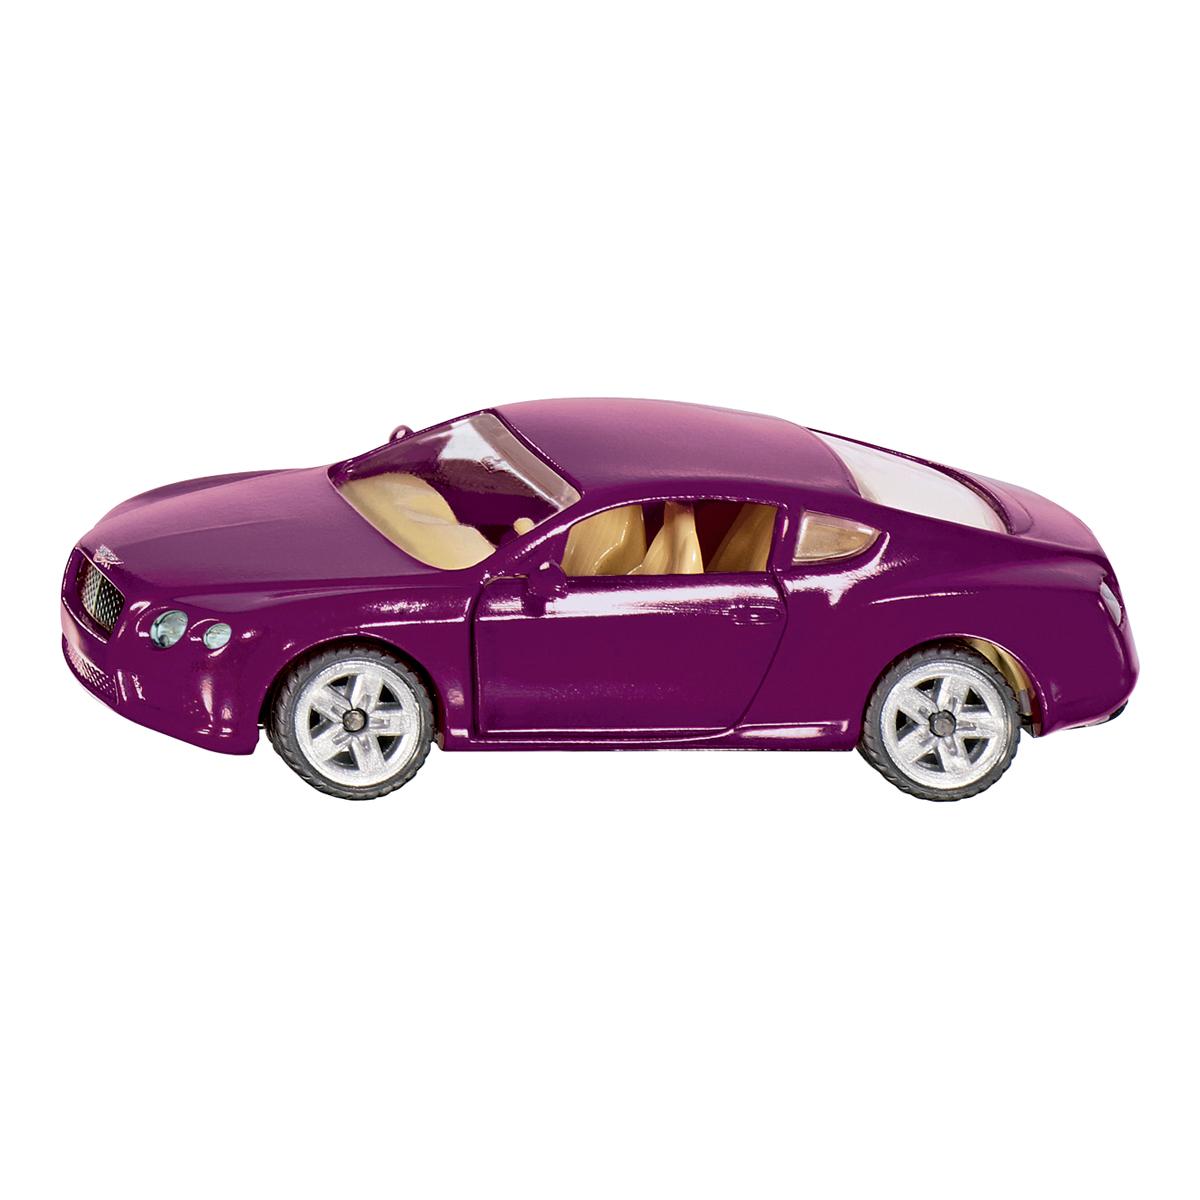 ベントレー コンチネンタルGT V8 (ジク・SIKU)